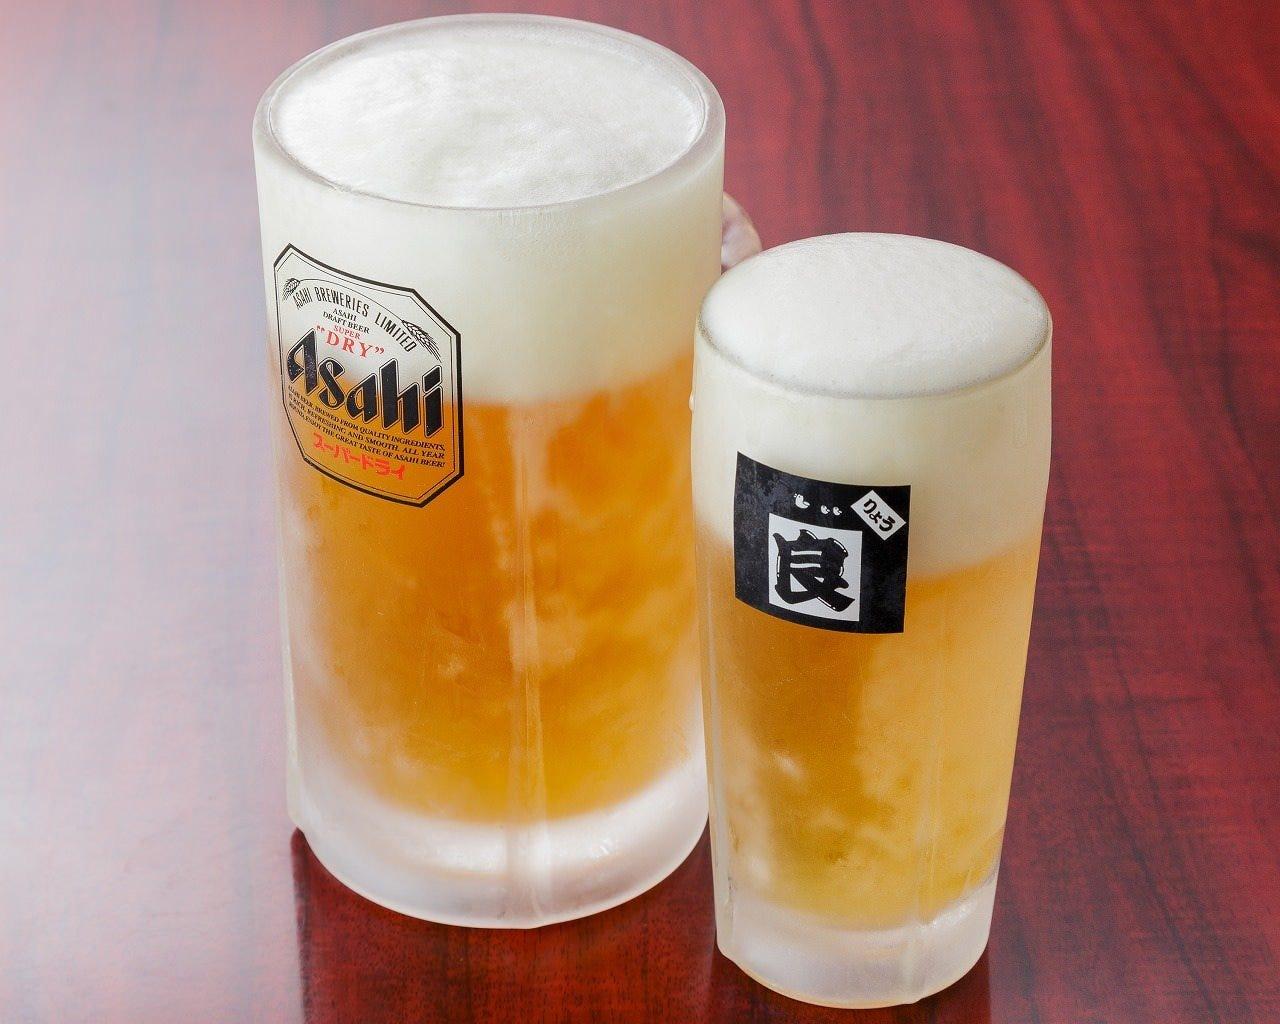 ビールはキンッキンに凍らせてます!疲れた体に染み渡る1杯♪